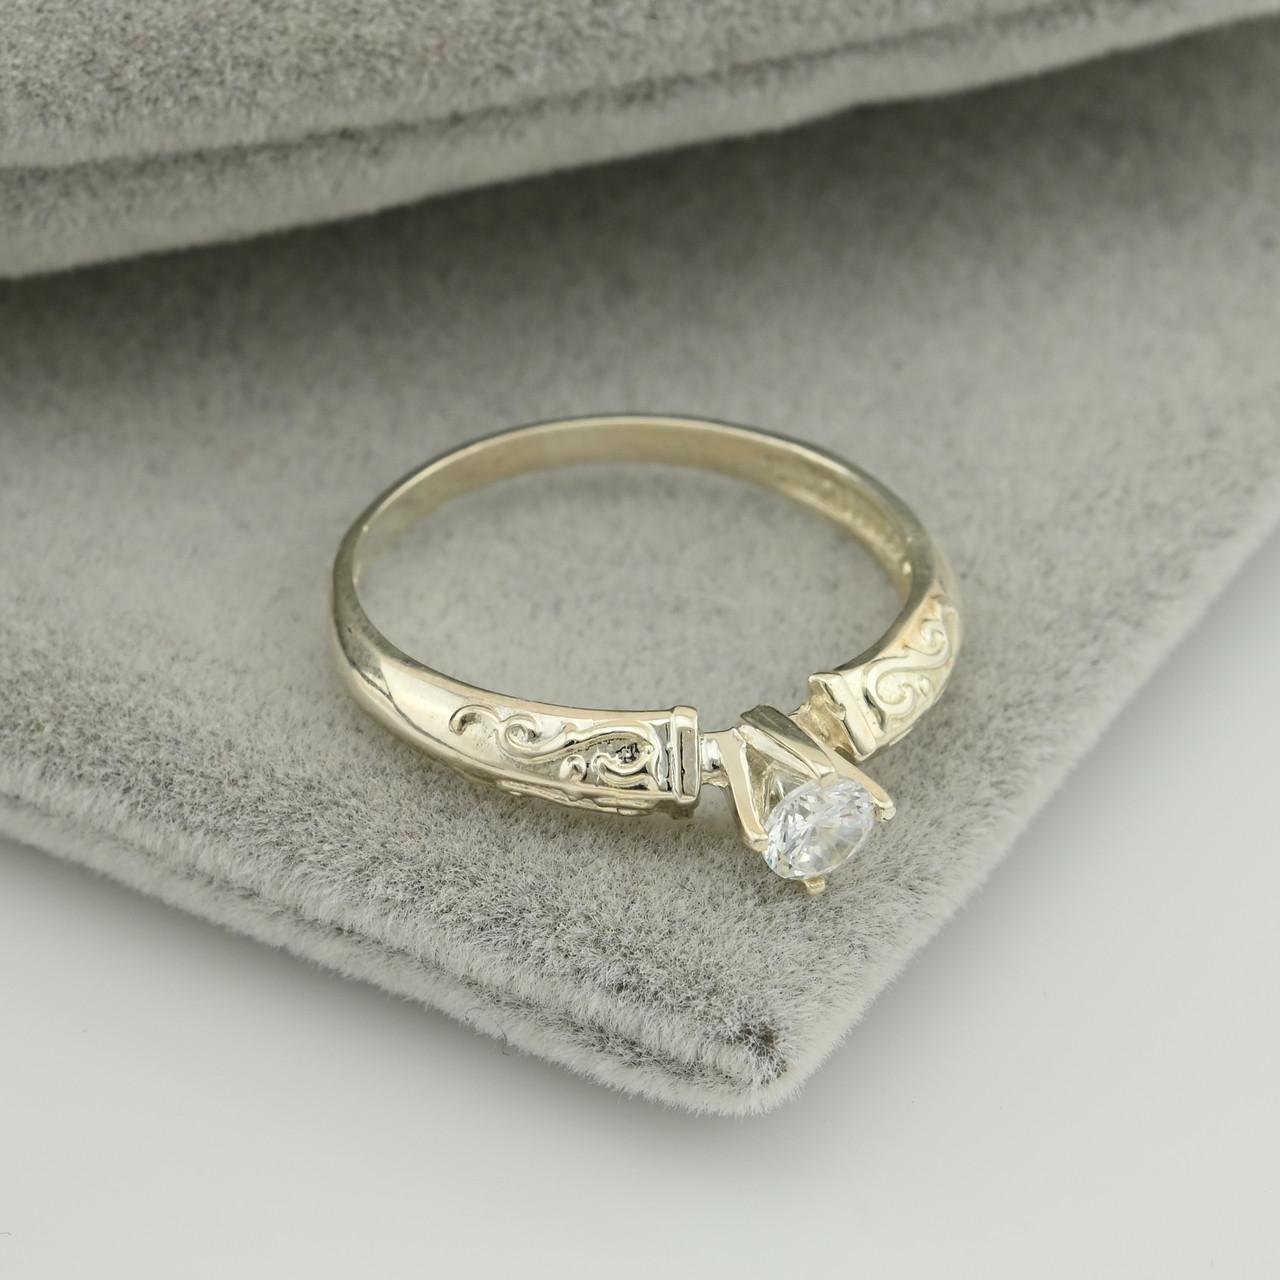 Серебряное кольцо Алмаз размер 19.5 вставка белые фианиты вес 1.6 г